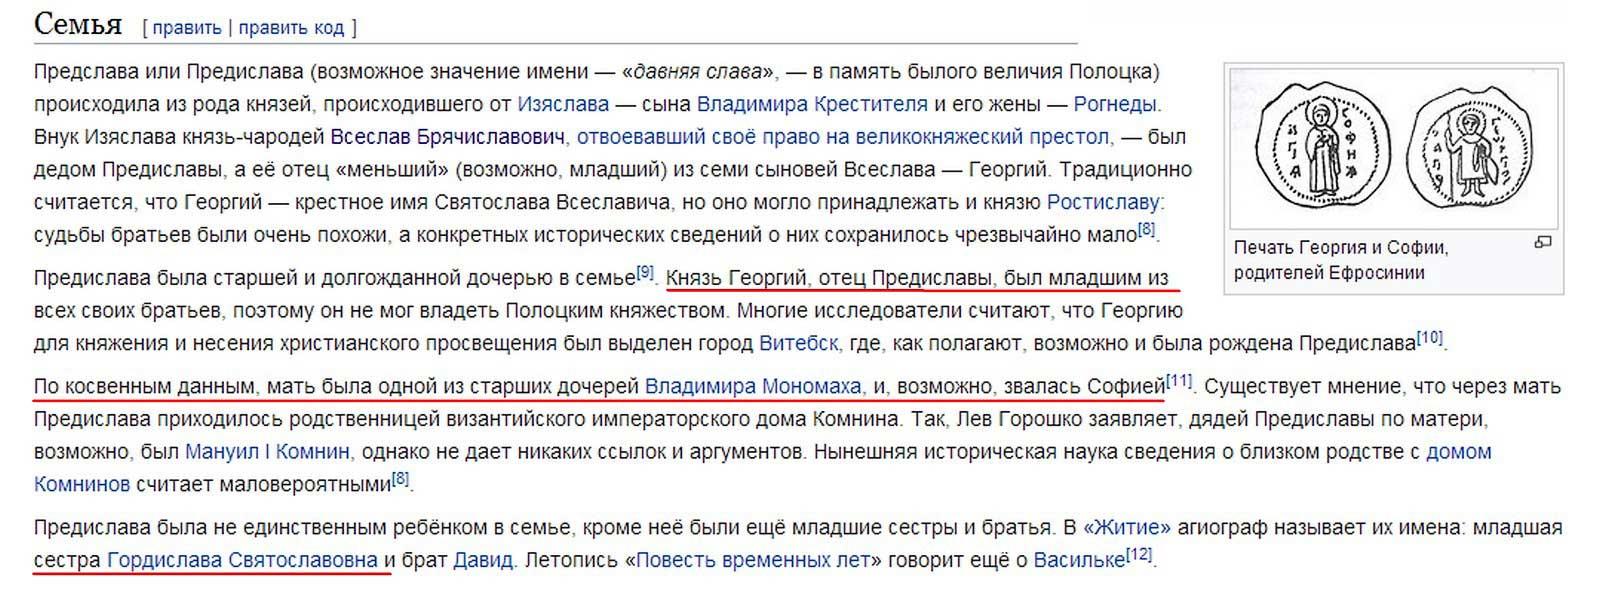 Кто отец Ефросинии Георгиевны Полоцкой и кто отец Преславы Святославны Витебской